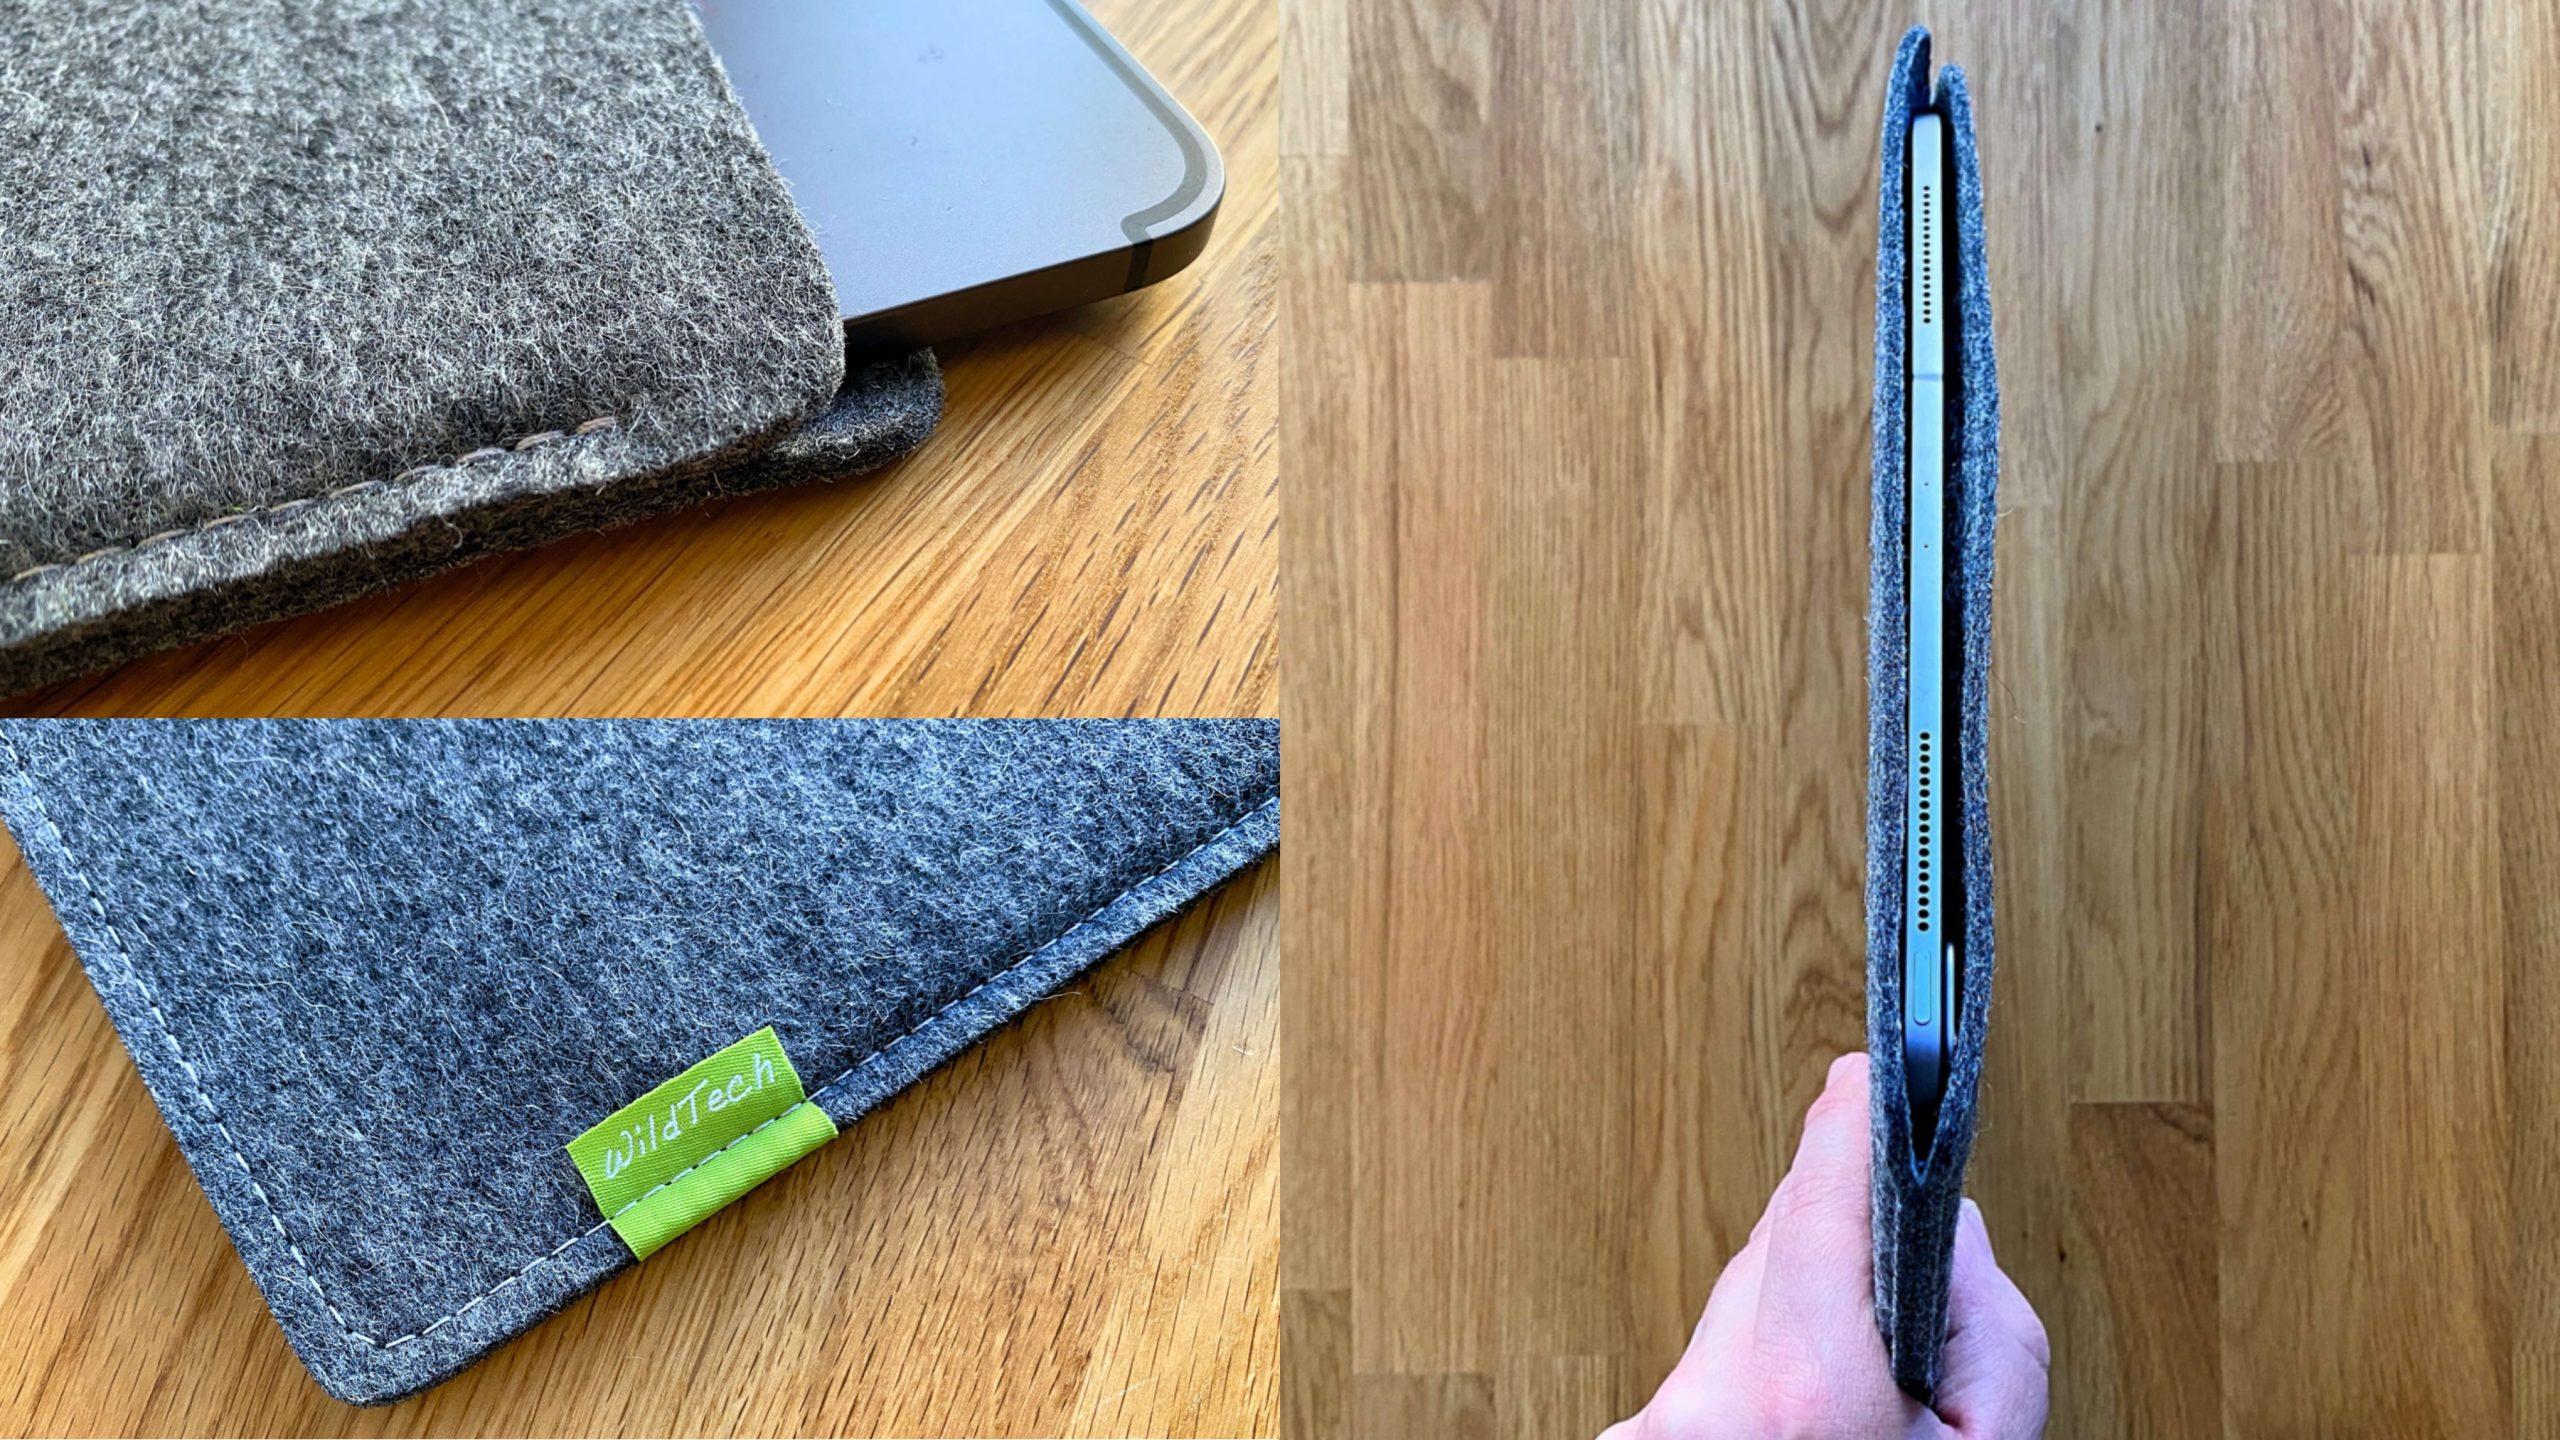 WildTech_Filzhülle_iPad_Pro_2020_Grau5-scaled Schutz aus Wollfilz von WildTech - das iPad Pro (2020) stilvoll geschützt